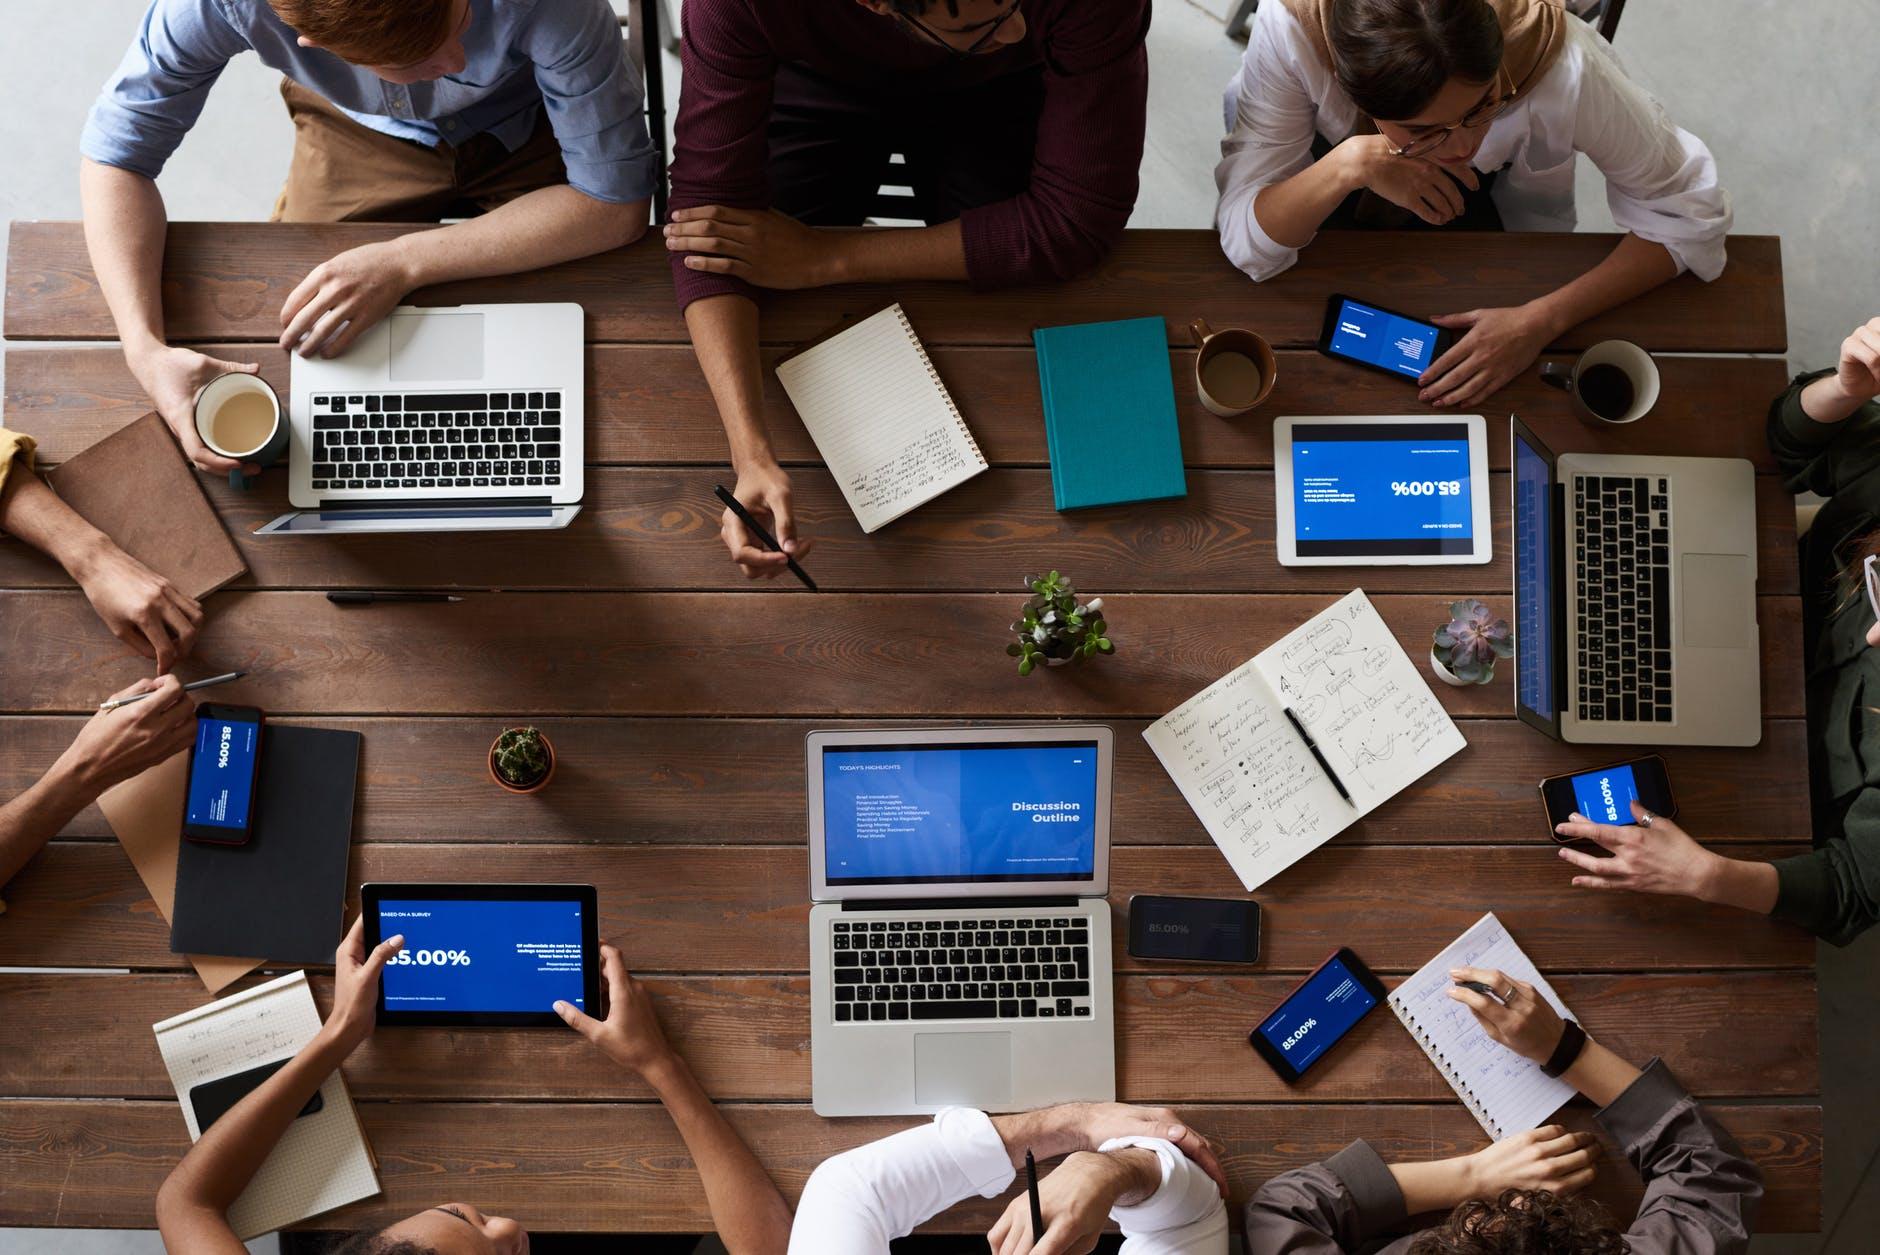 服务于意大利中小企业的线上交易平台 Bee成立,180家企业入驻